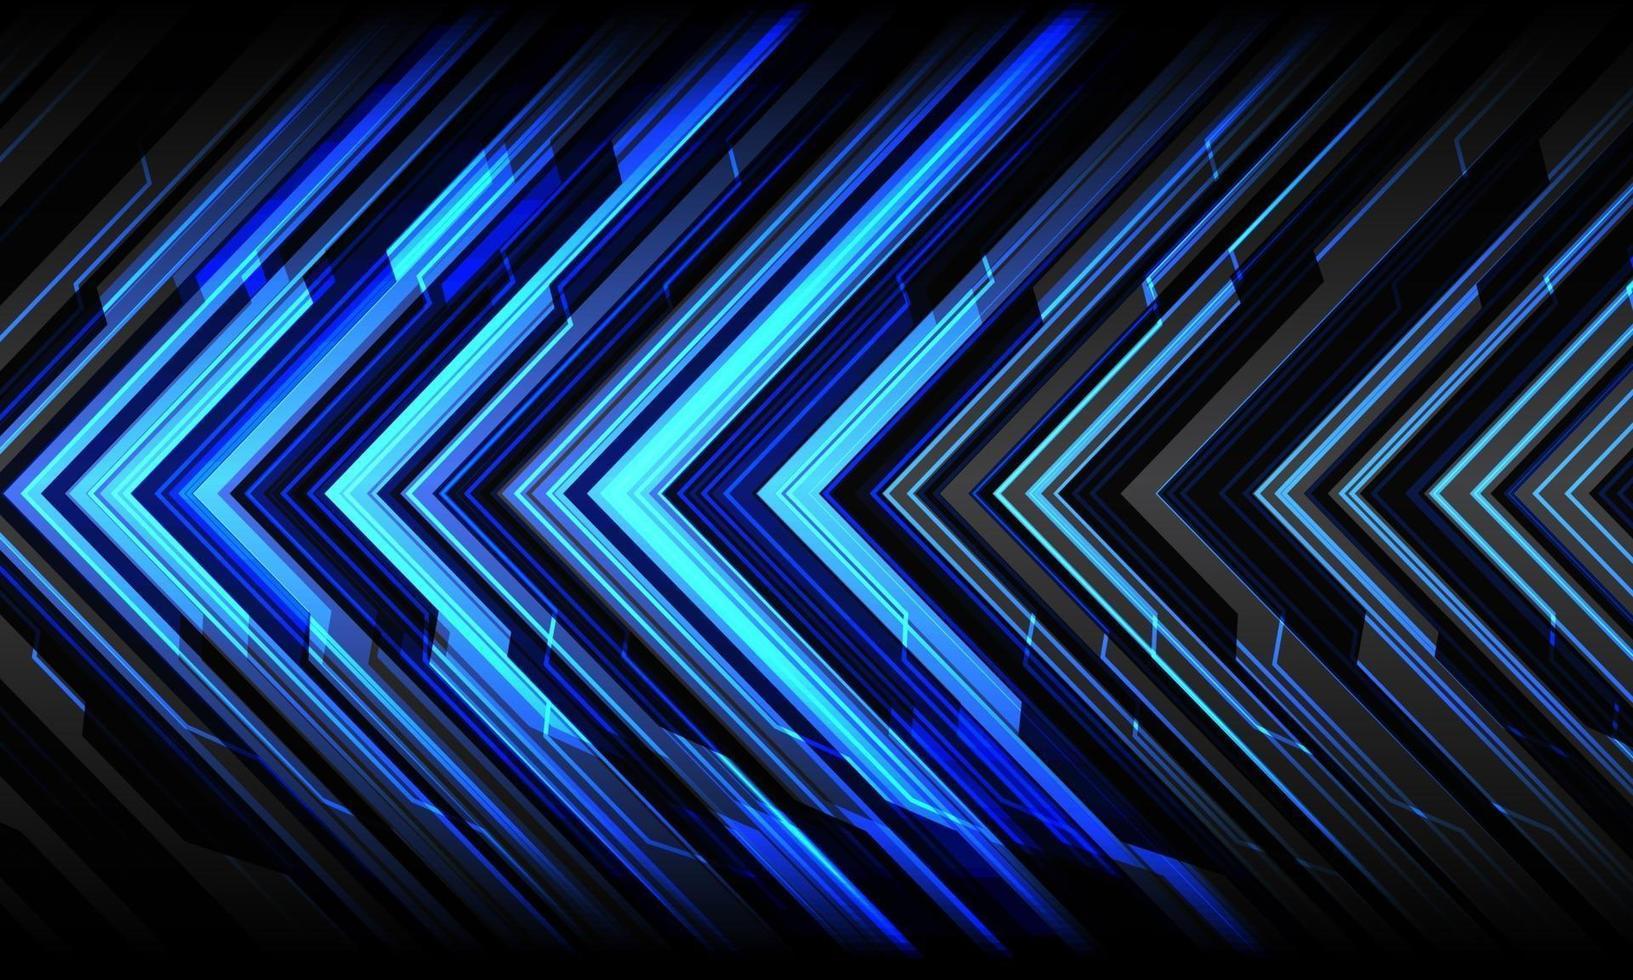 direzione futuristica di tecnologia geometrica cyber della luce della freccia blu astratta sull'illustrazione moderna di vettore del fondo di progettazione grigia.